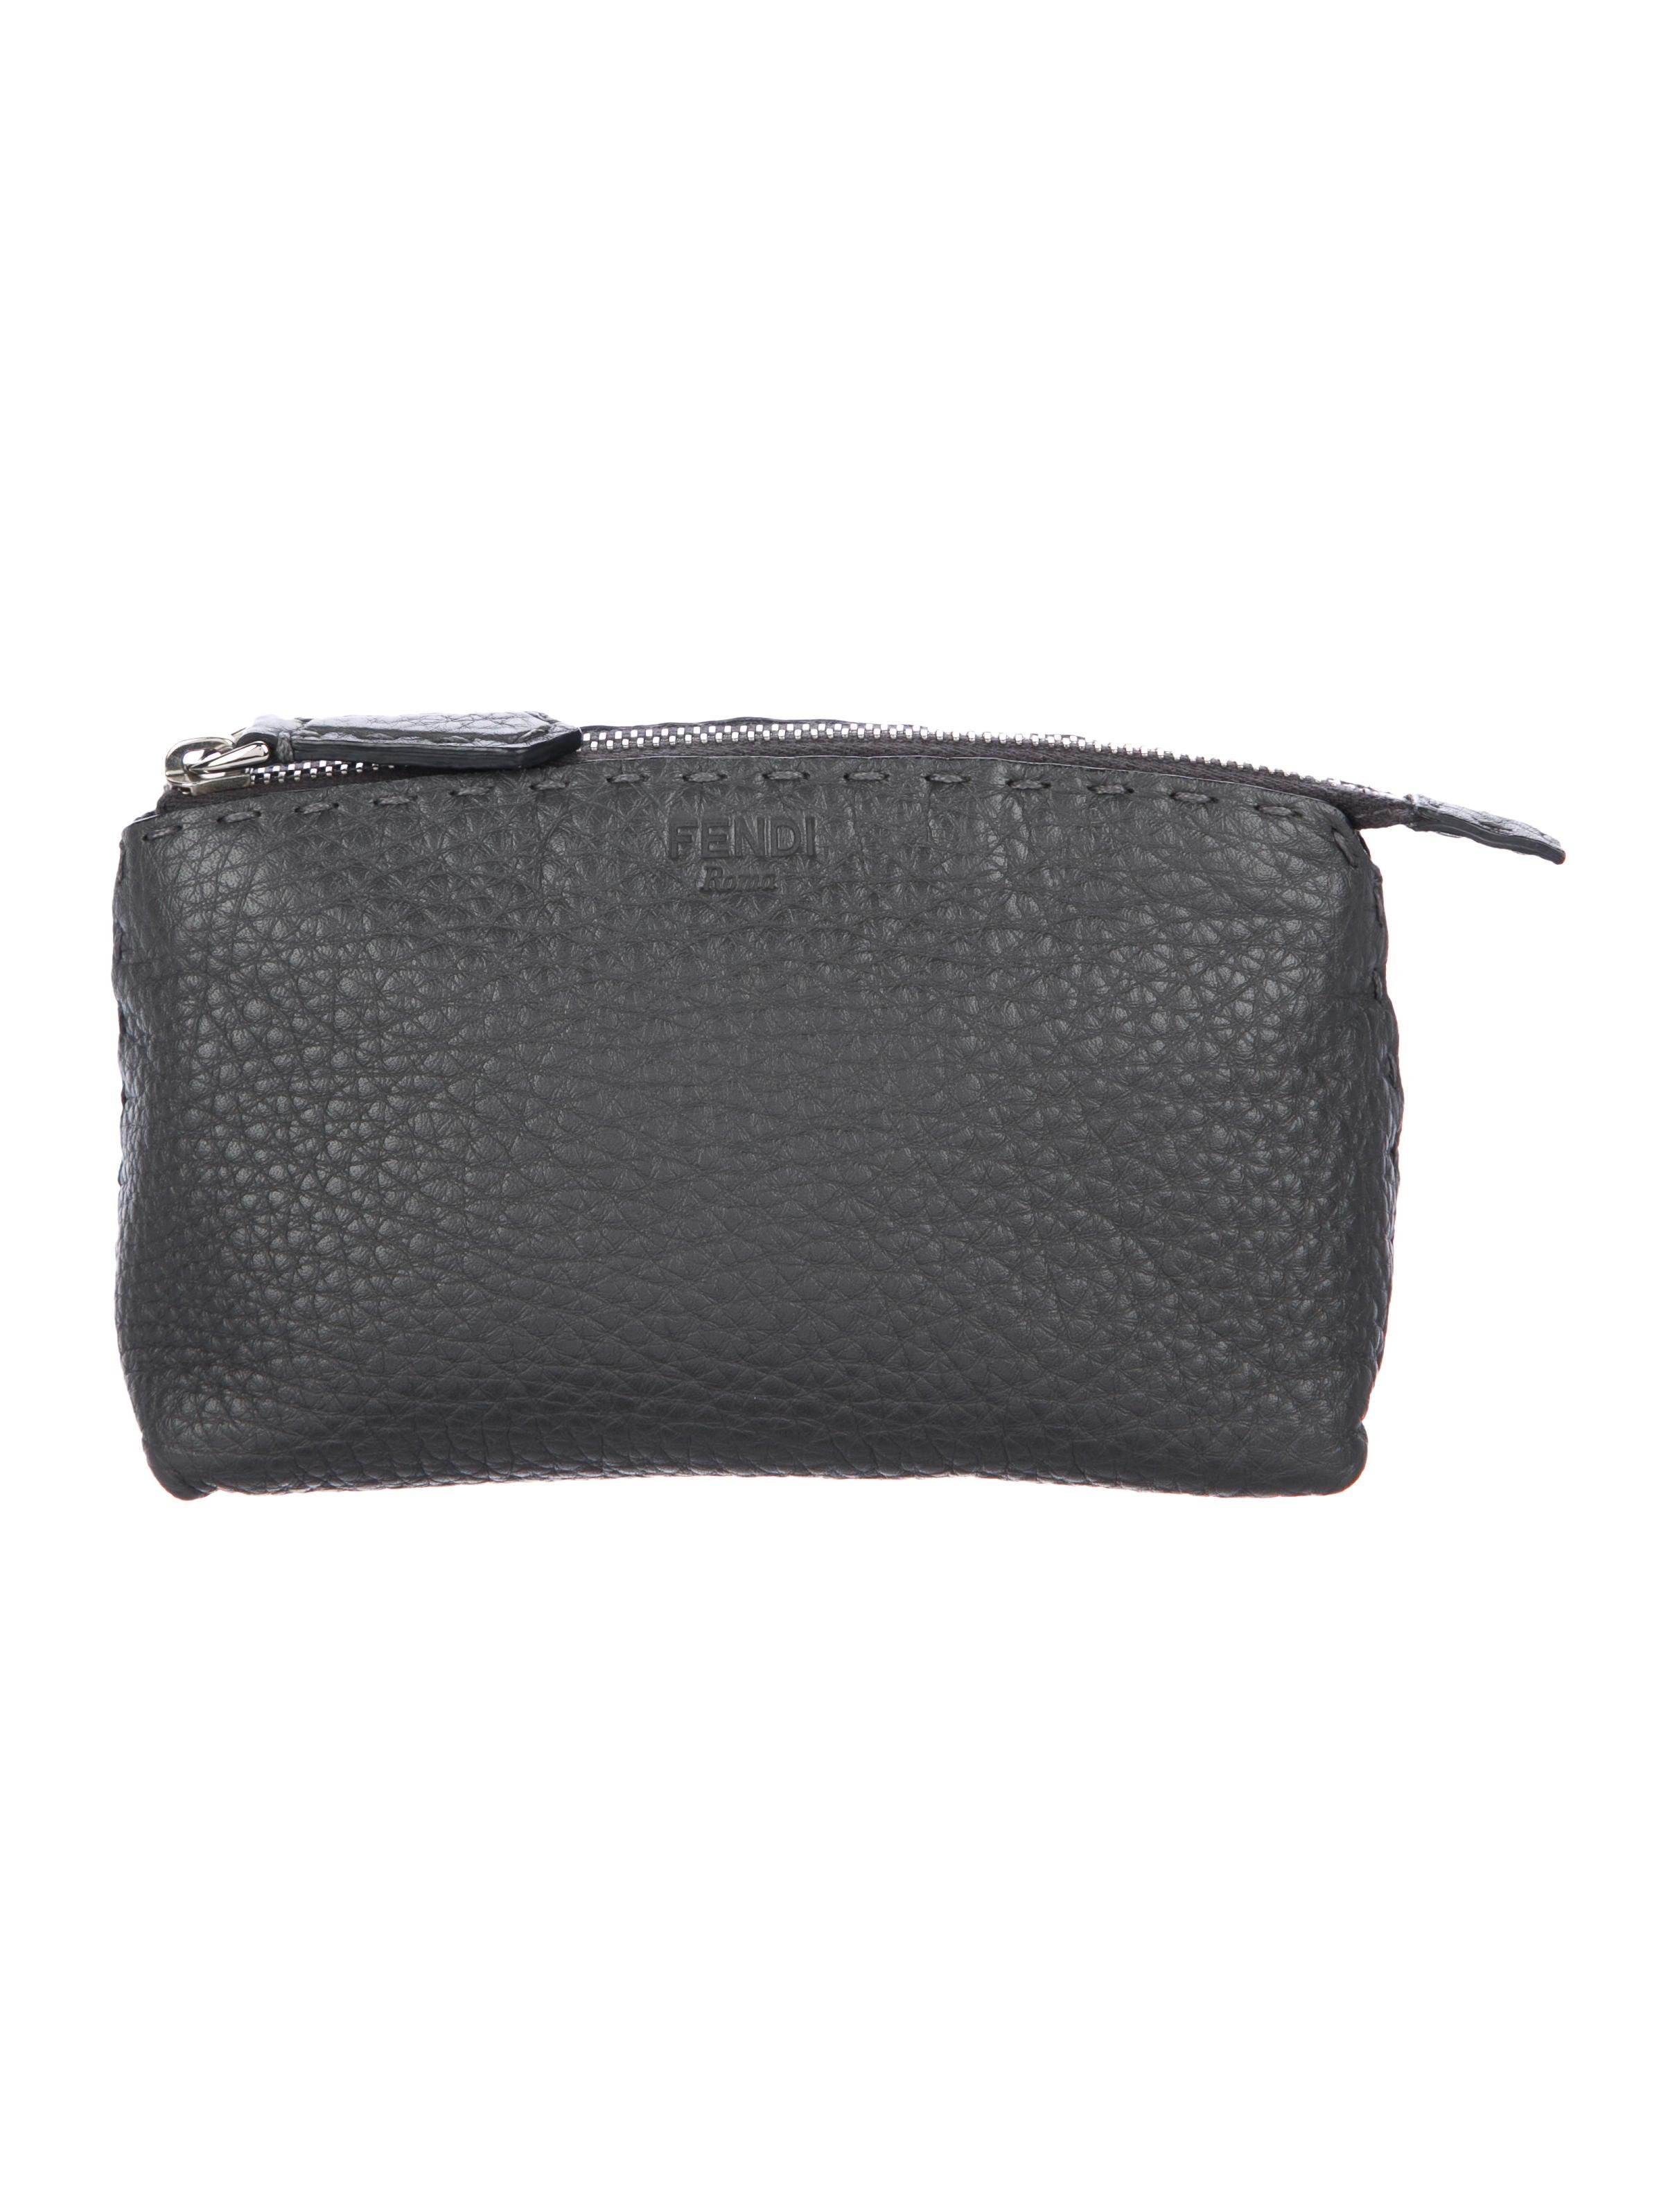 e04bc10692 Fendi Grained Leather Cosmetic Bag - Accessories - FEN78878